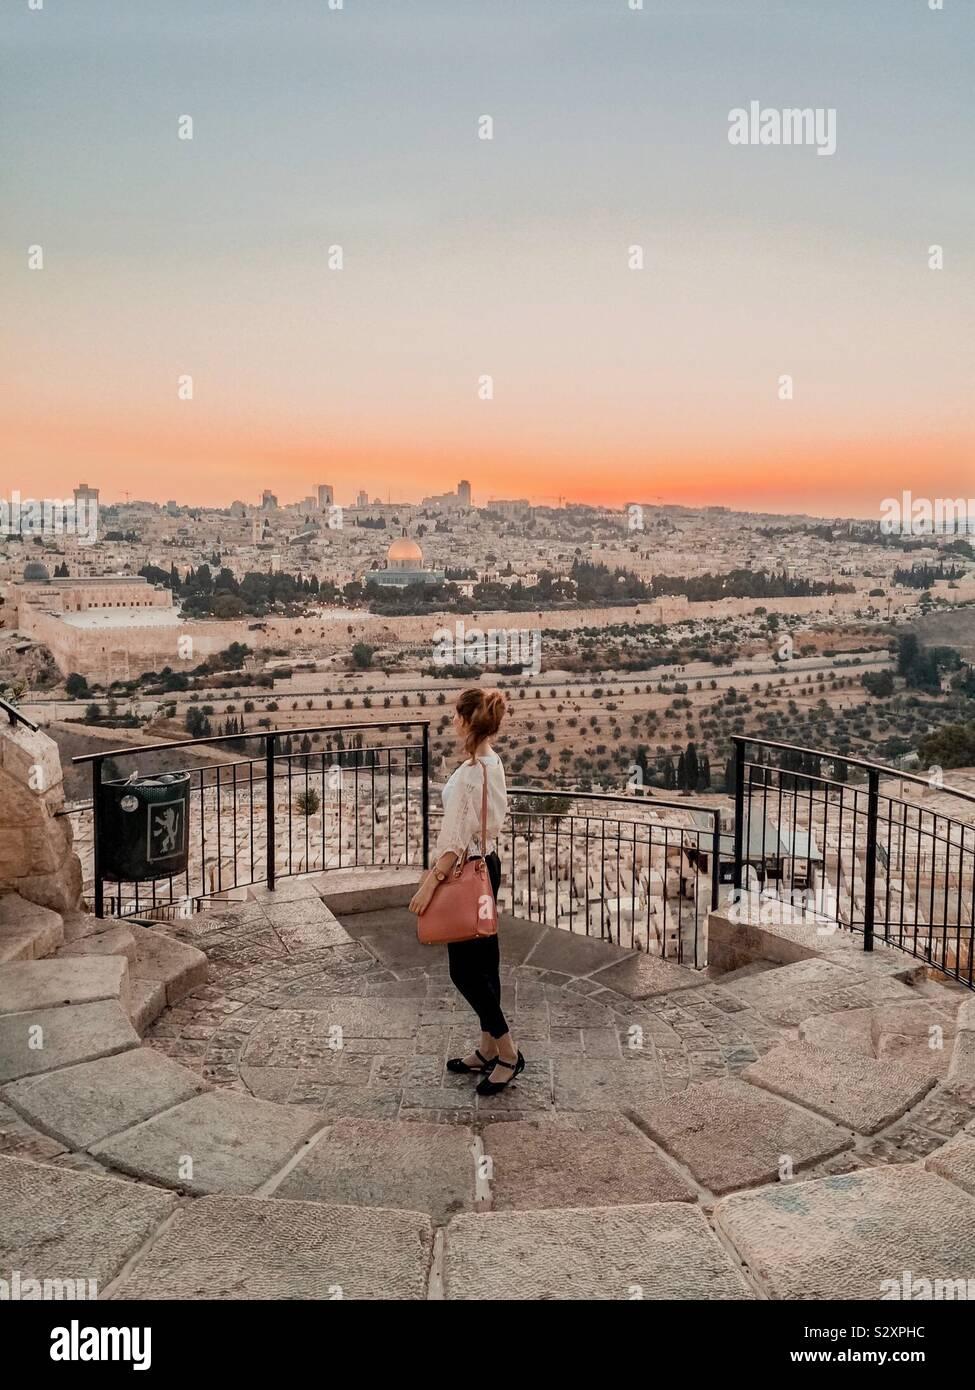 Jeune femme sur la ville de Jérusalem, Israël, Moyen Orient Banque D'Images